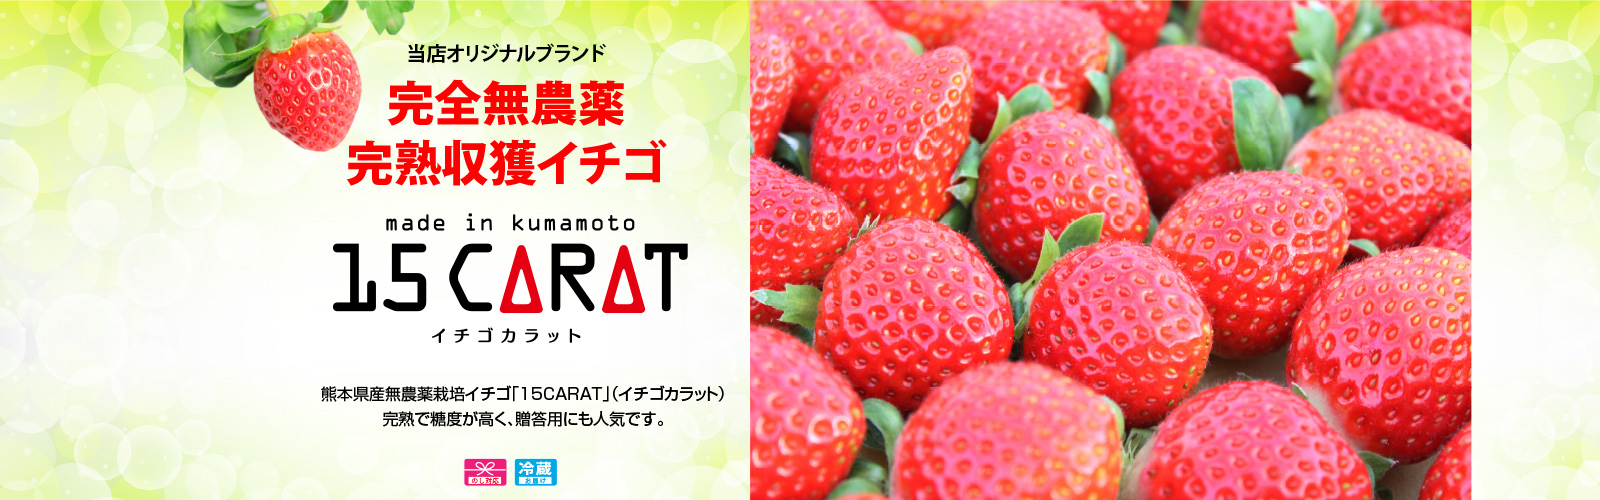 完全無農薬 完熟イチゴ「15CARAT」イチゴカラット 当店でしか手に入りません!